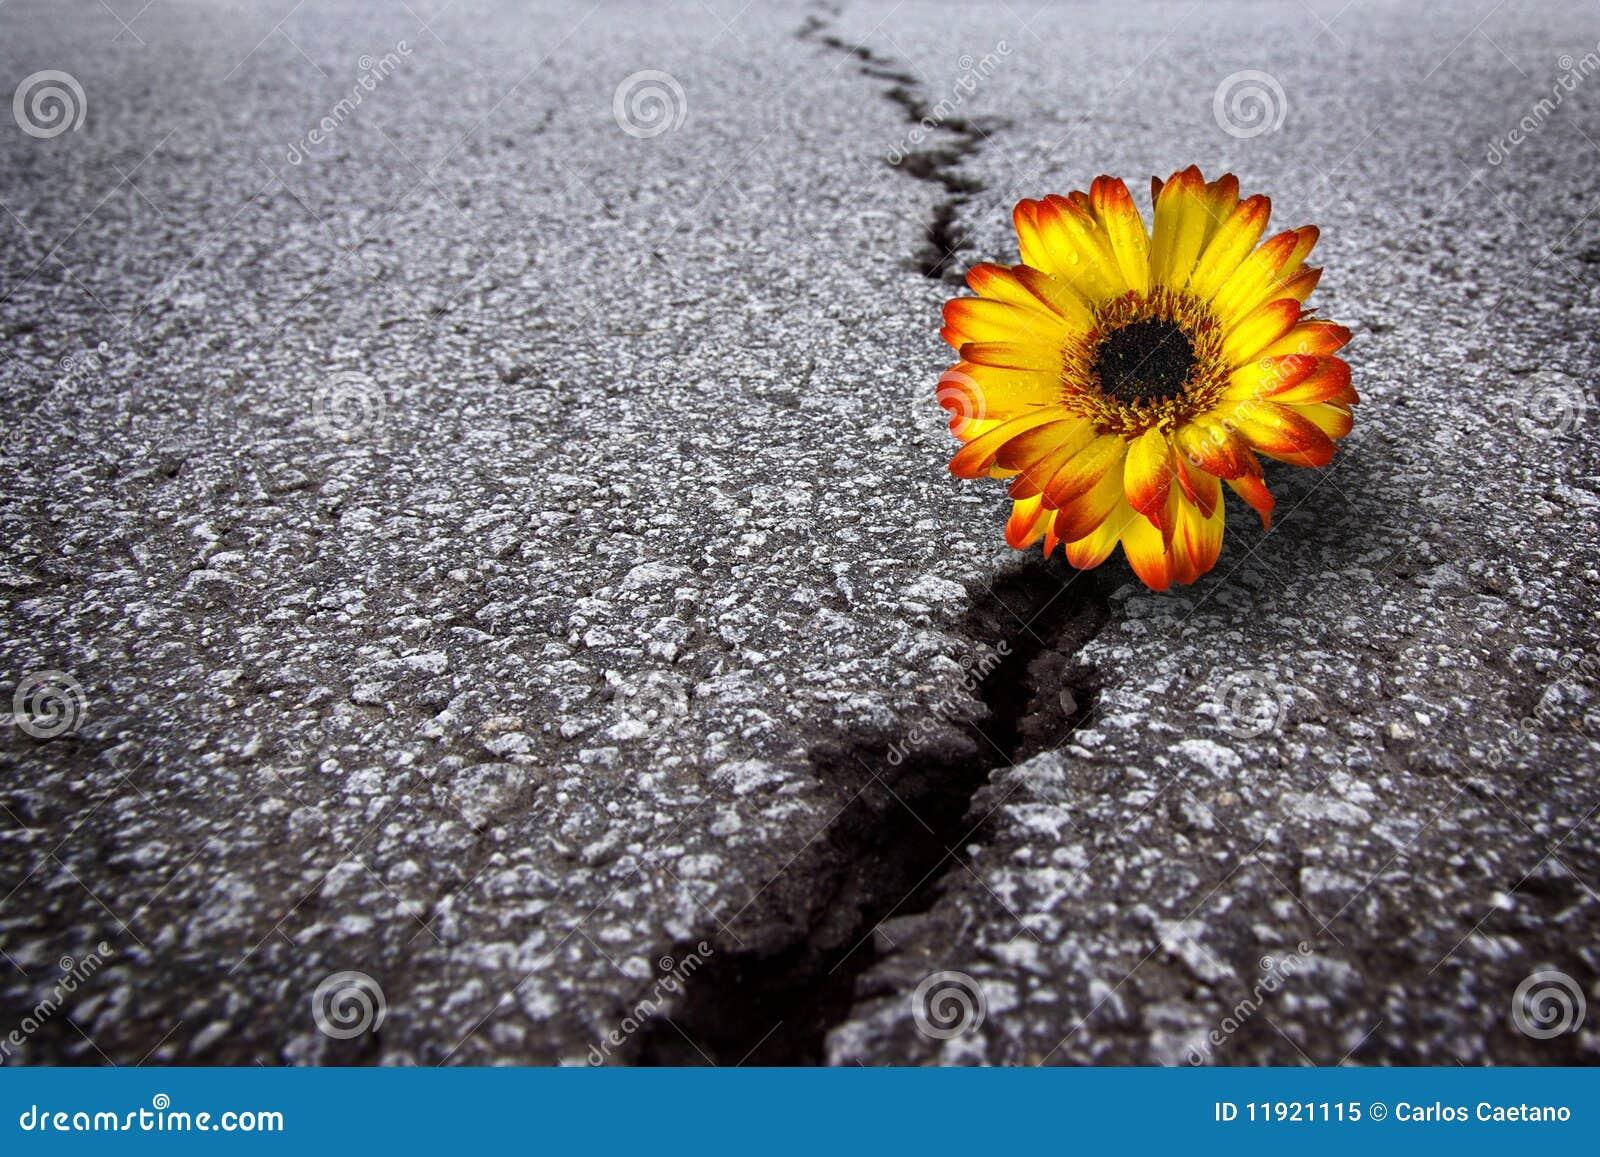 Flower in asphalt